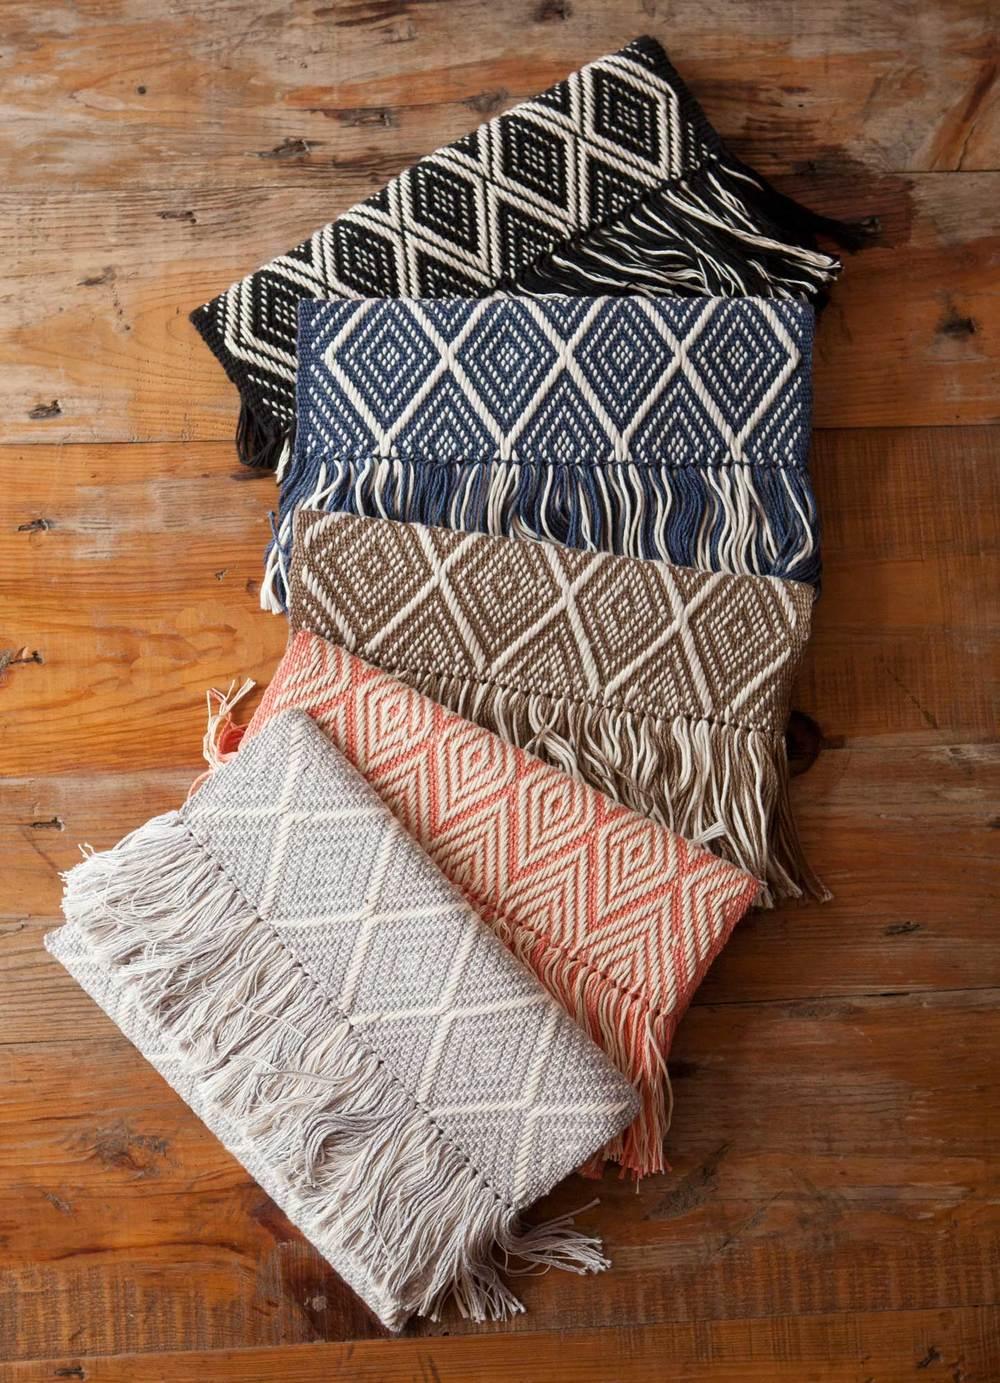 Pais-textile-product_web.jpg